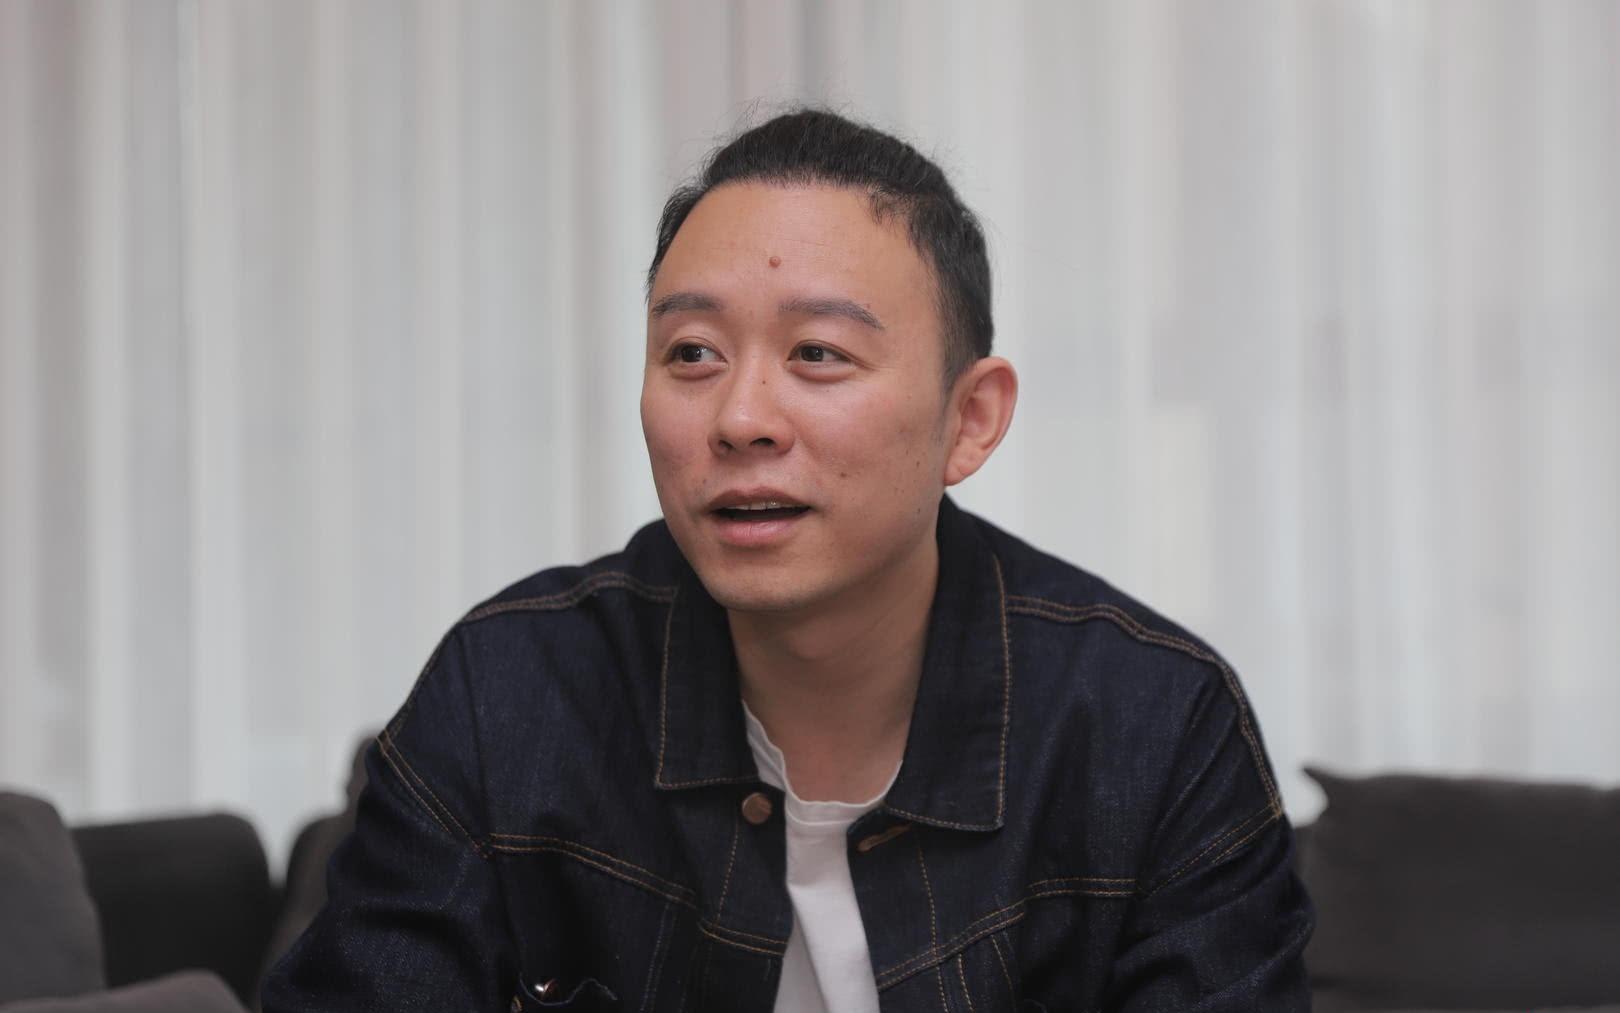 甄子丹御用配音陈浩:叶问是我为甄子丹配音作品中最难的角色